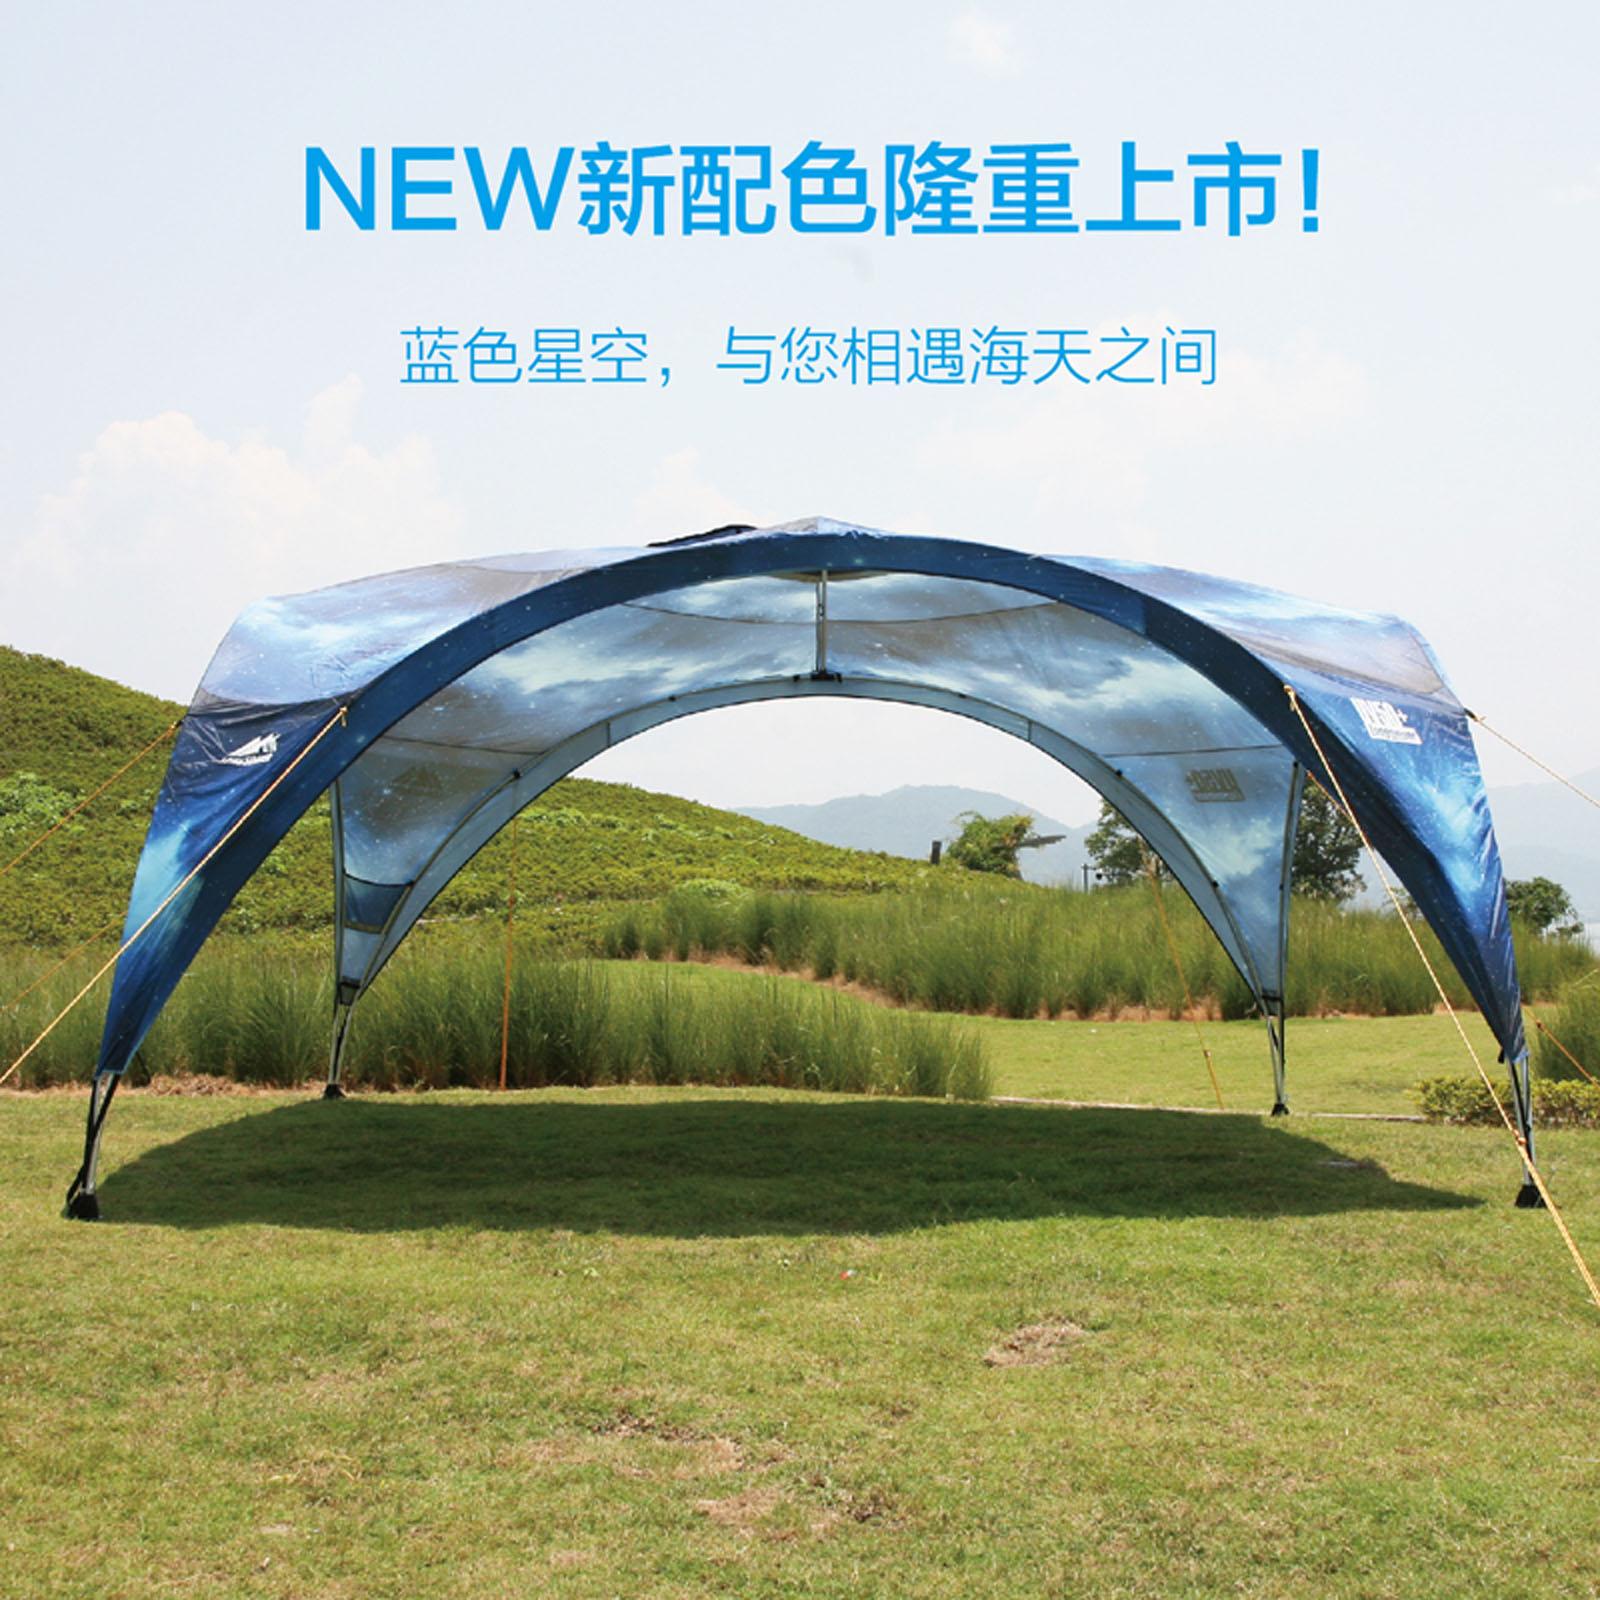 龙行者天幕帐篷户外遮阳棚超大防紫外线广告帐篷自驾遮阳天幕凉棚